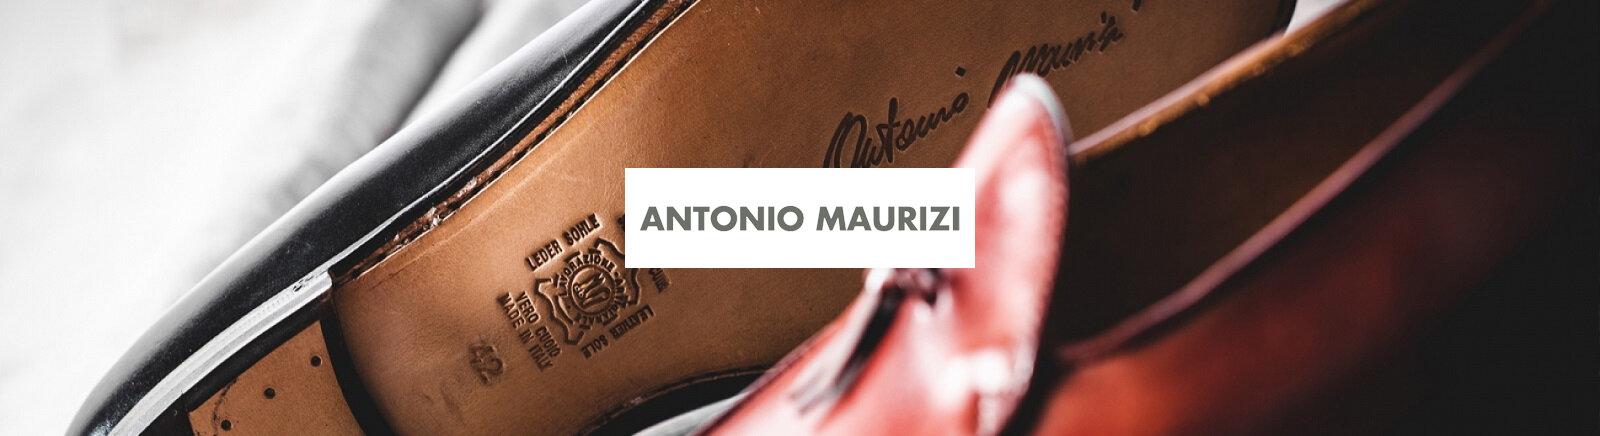 Antonio Maurizi Markenschuhe online entdecken im Juppen Shop